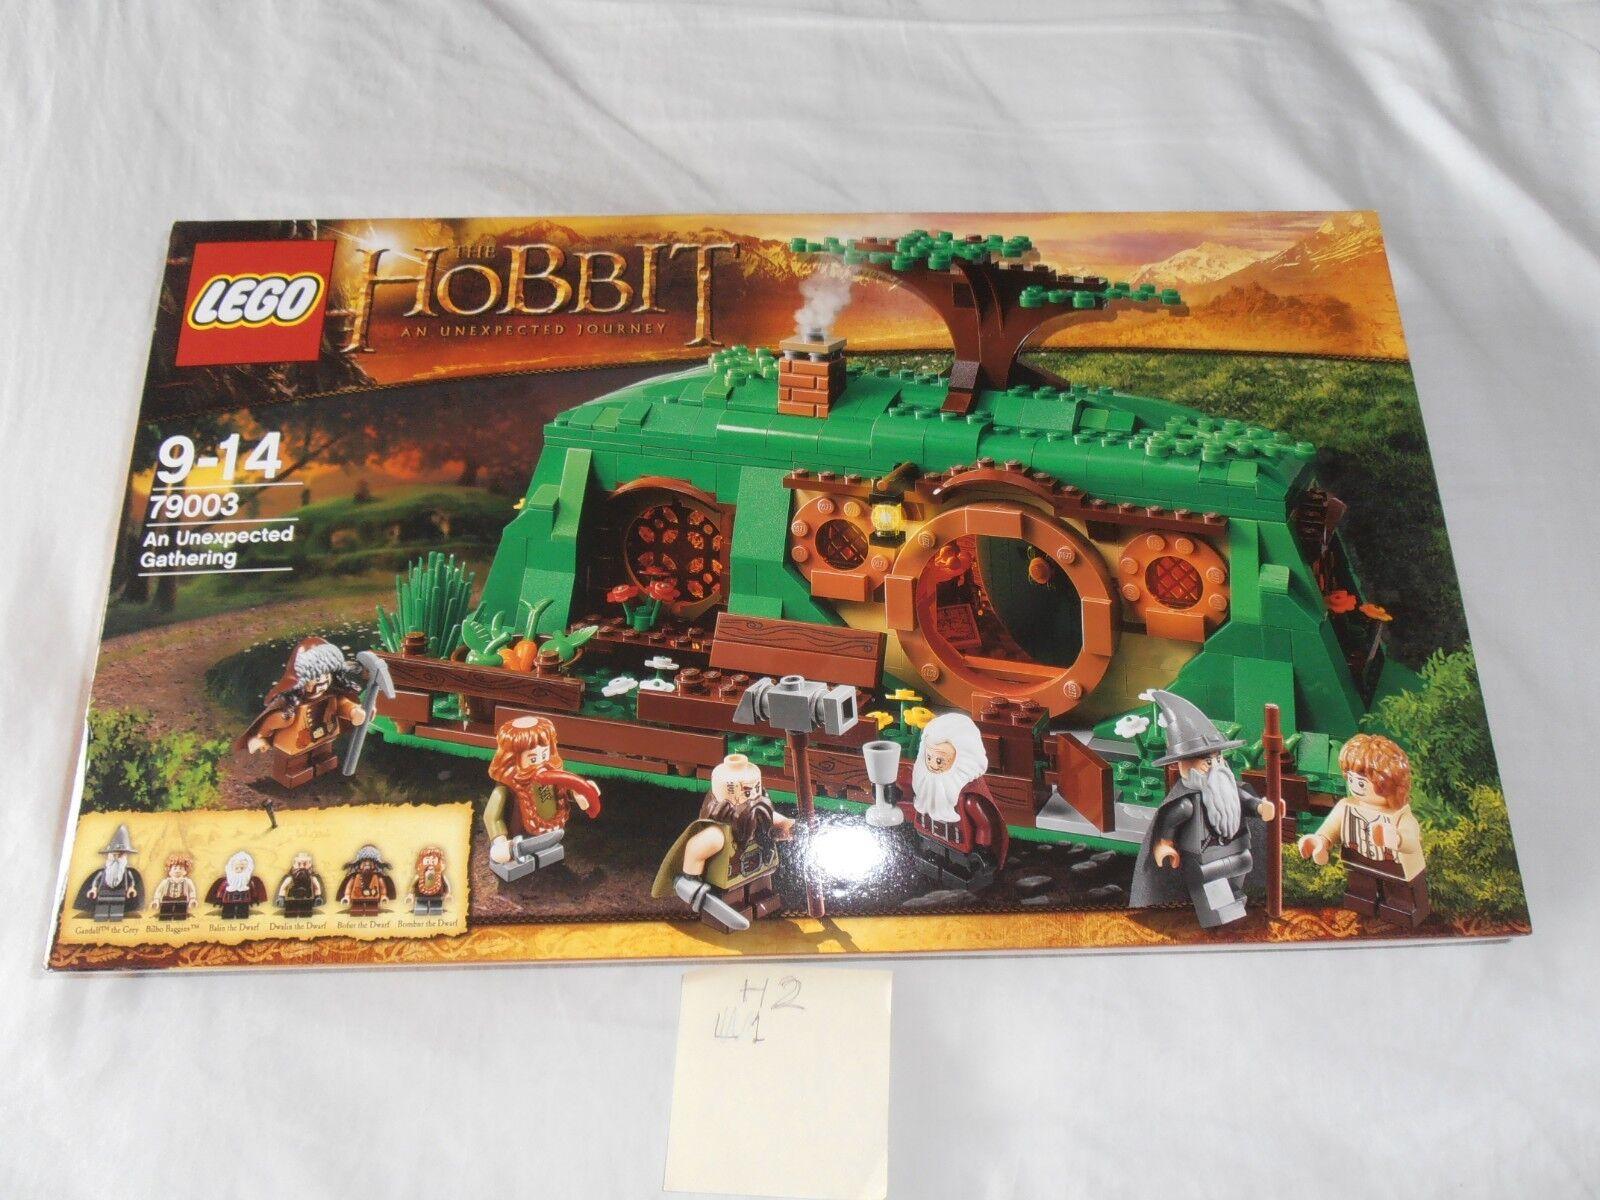 LEGO 79003 The Hobbit An Unexpected Gathering NOUVEAU SCELLÉ Endommagé Boite h2